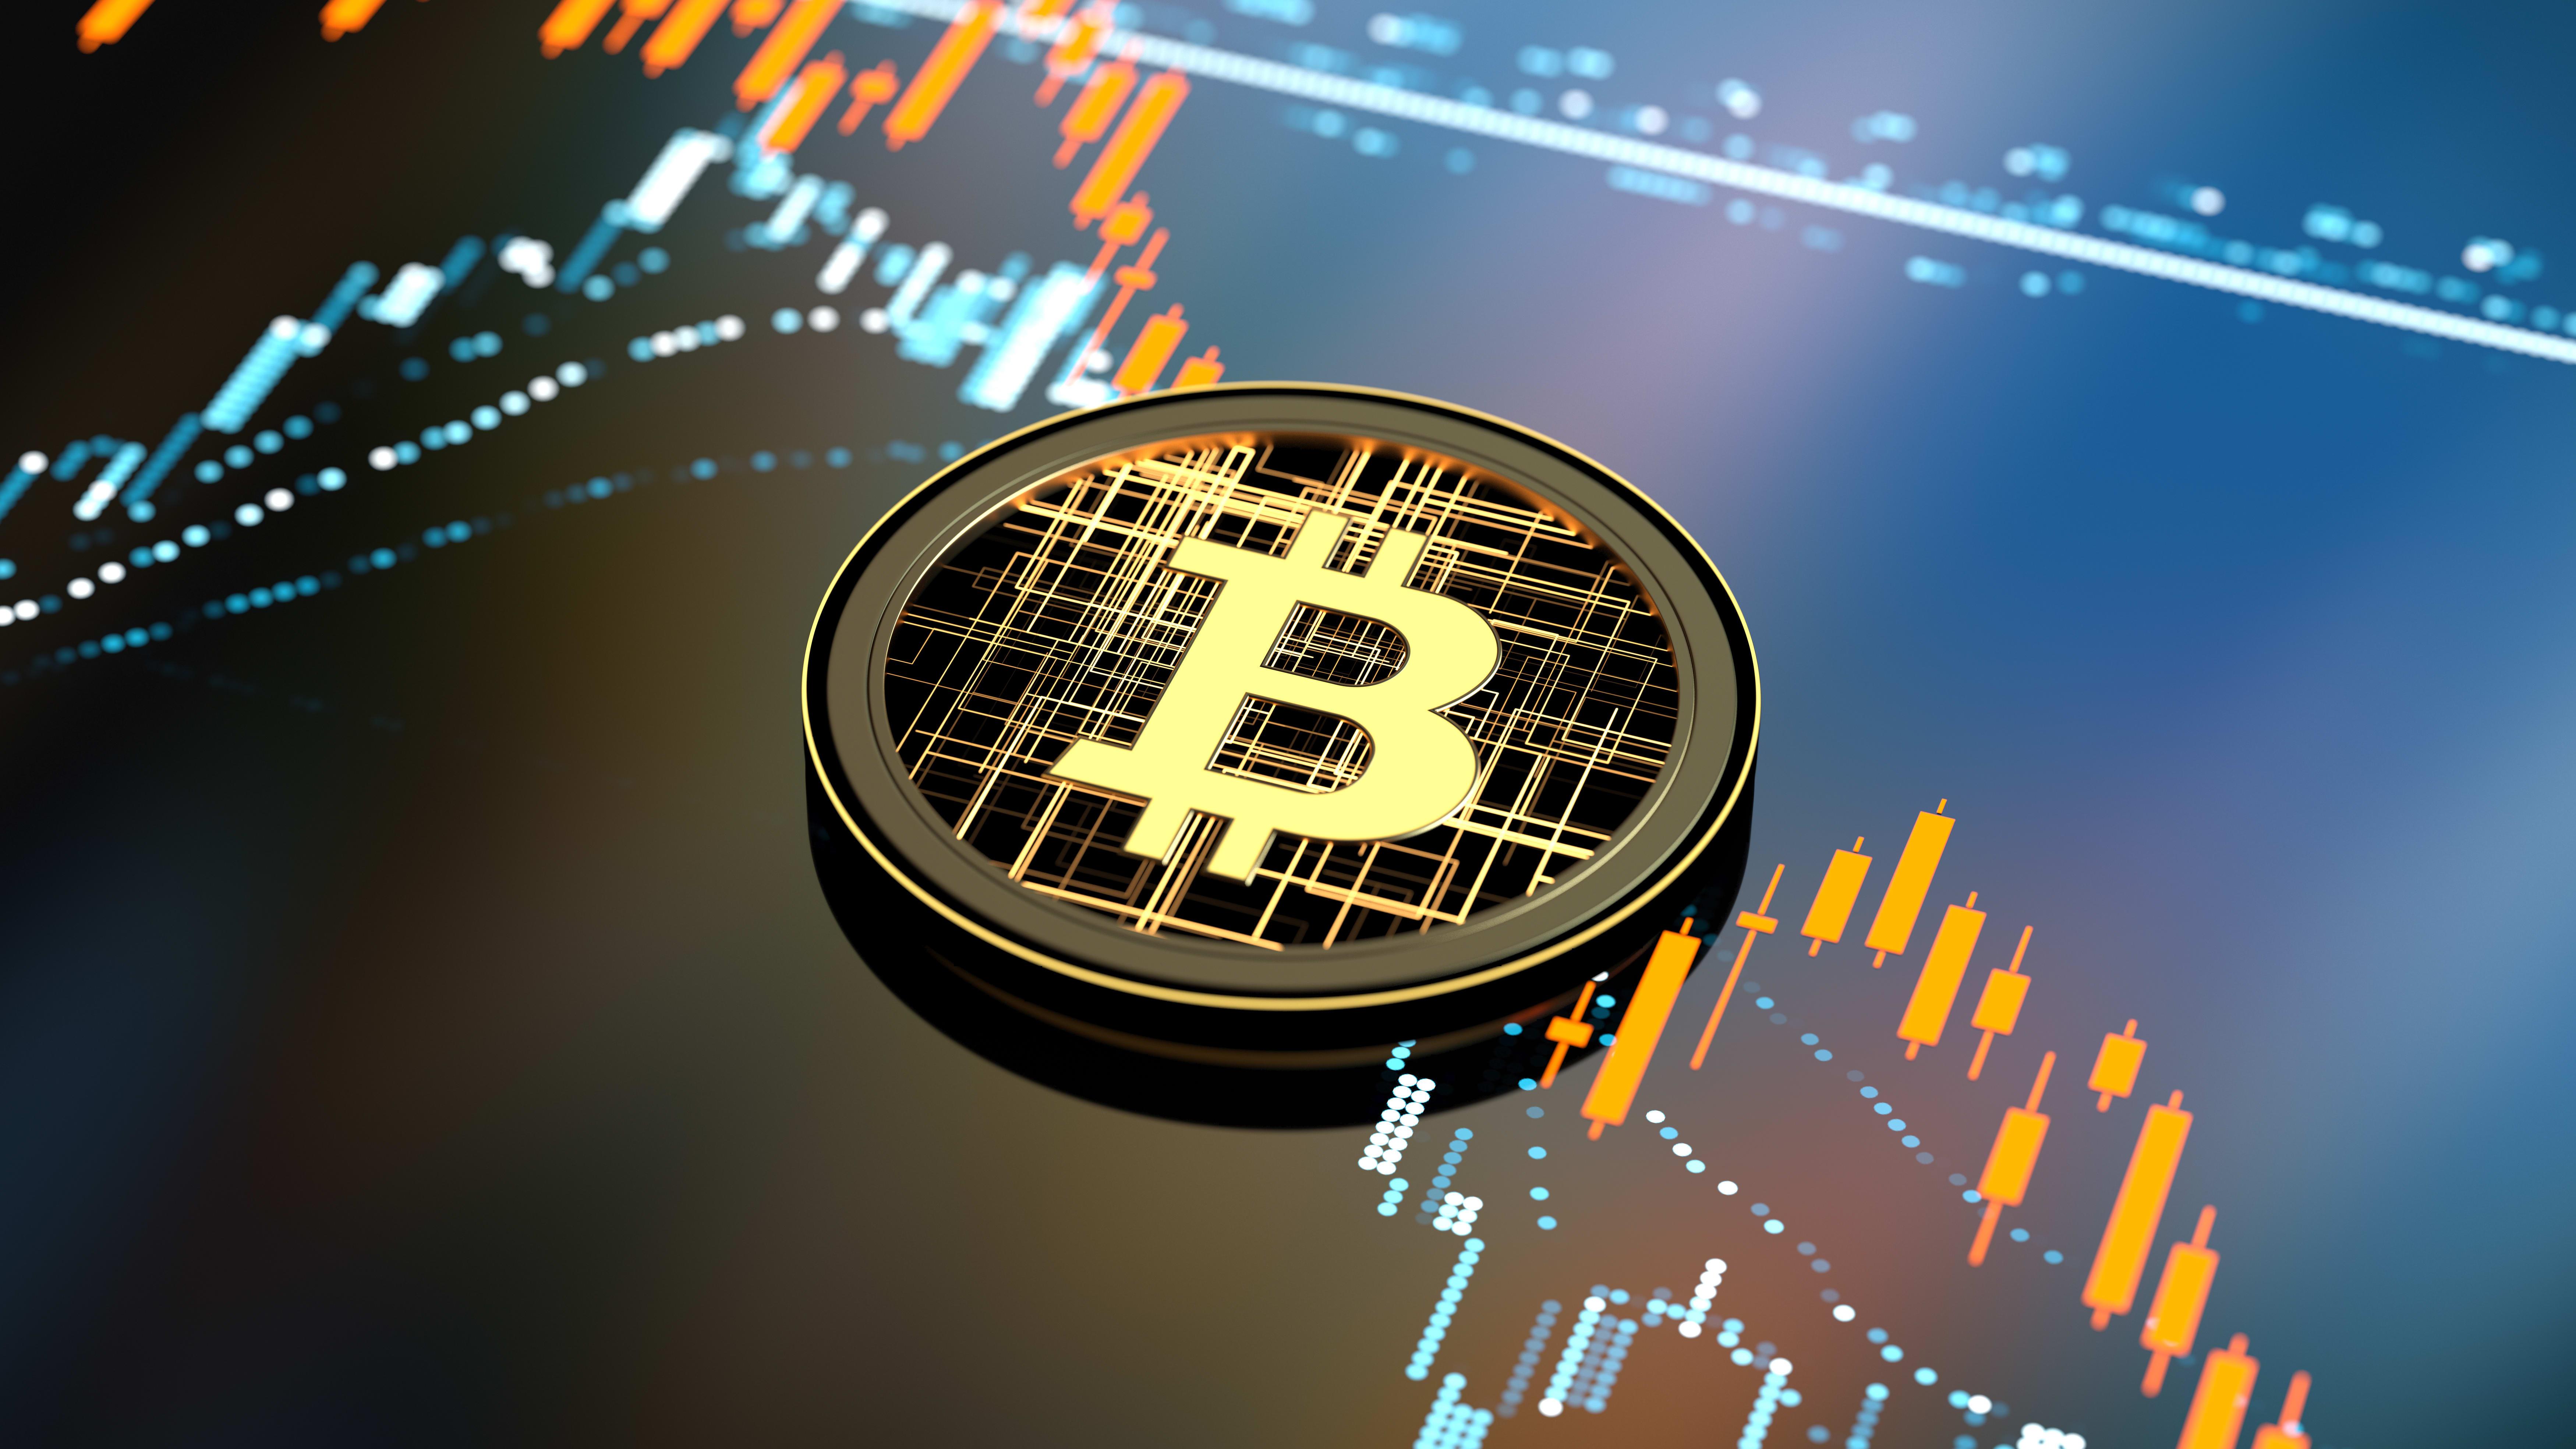 exchange btc už trx yra bitcoin pelnas apmokestinamas